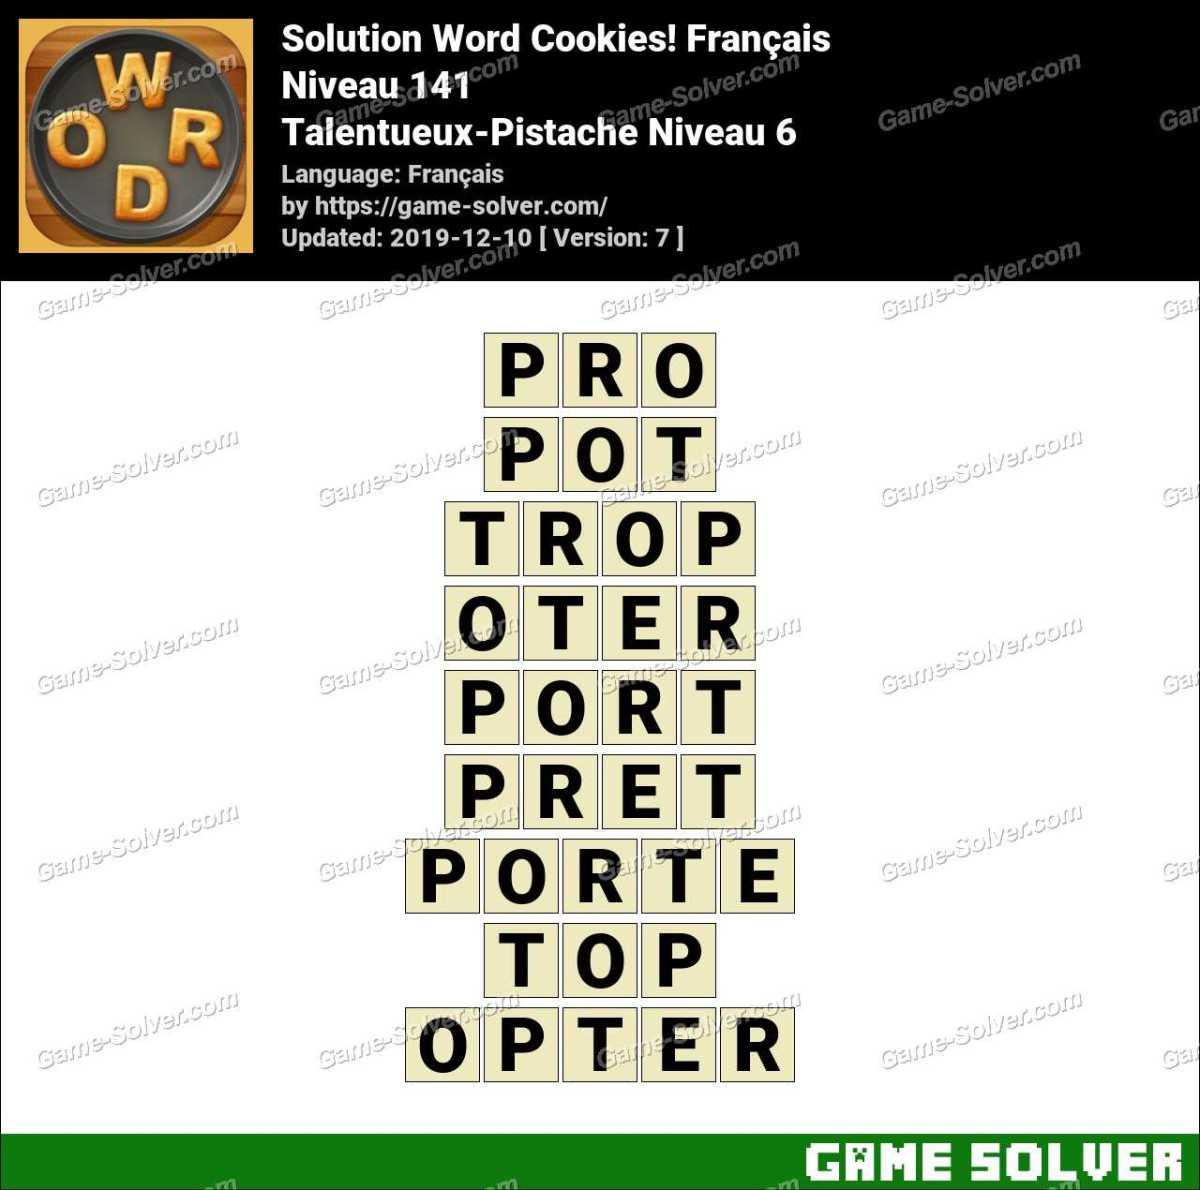 Solution Word Cookies Talentueux-Pistache Niveau 6